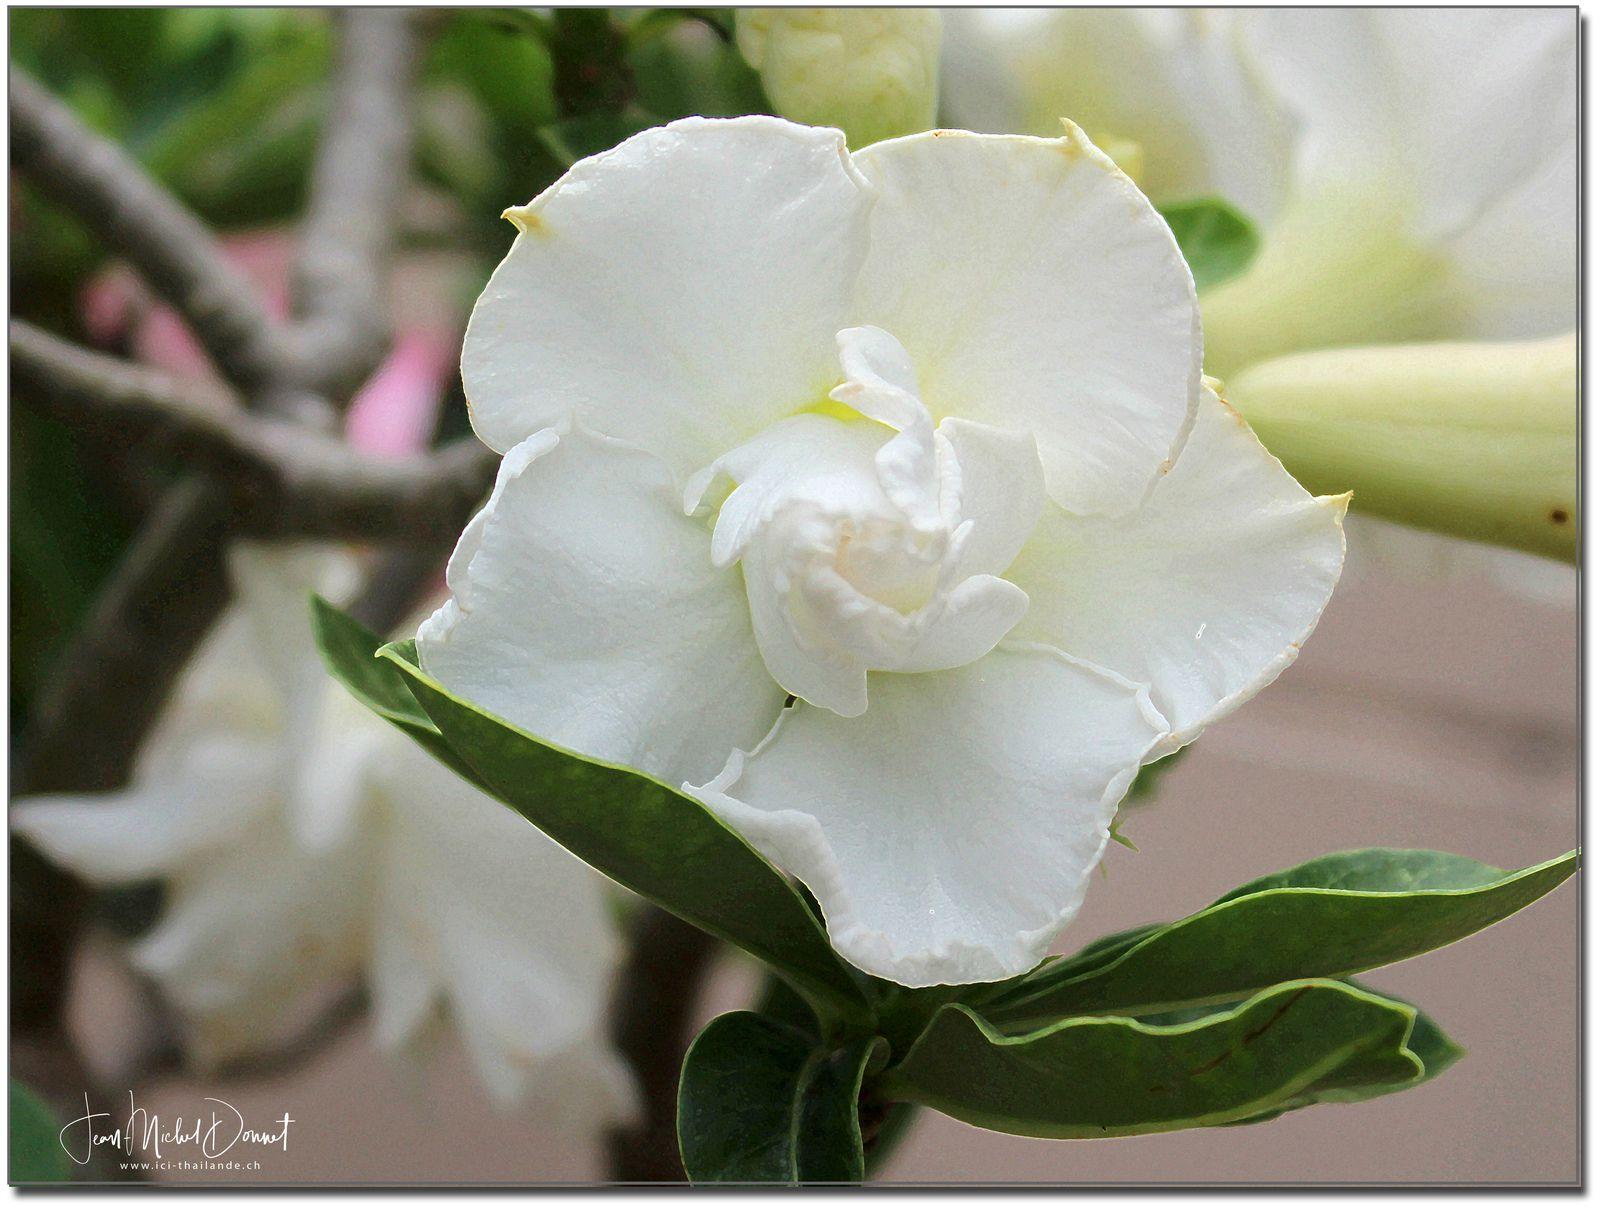 Parmi les fleurs de ce dimanche (Thaïlande)